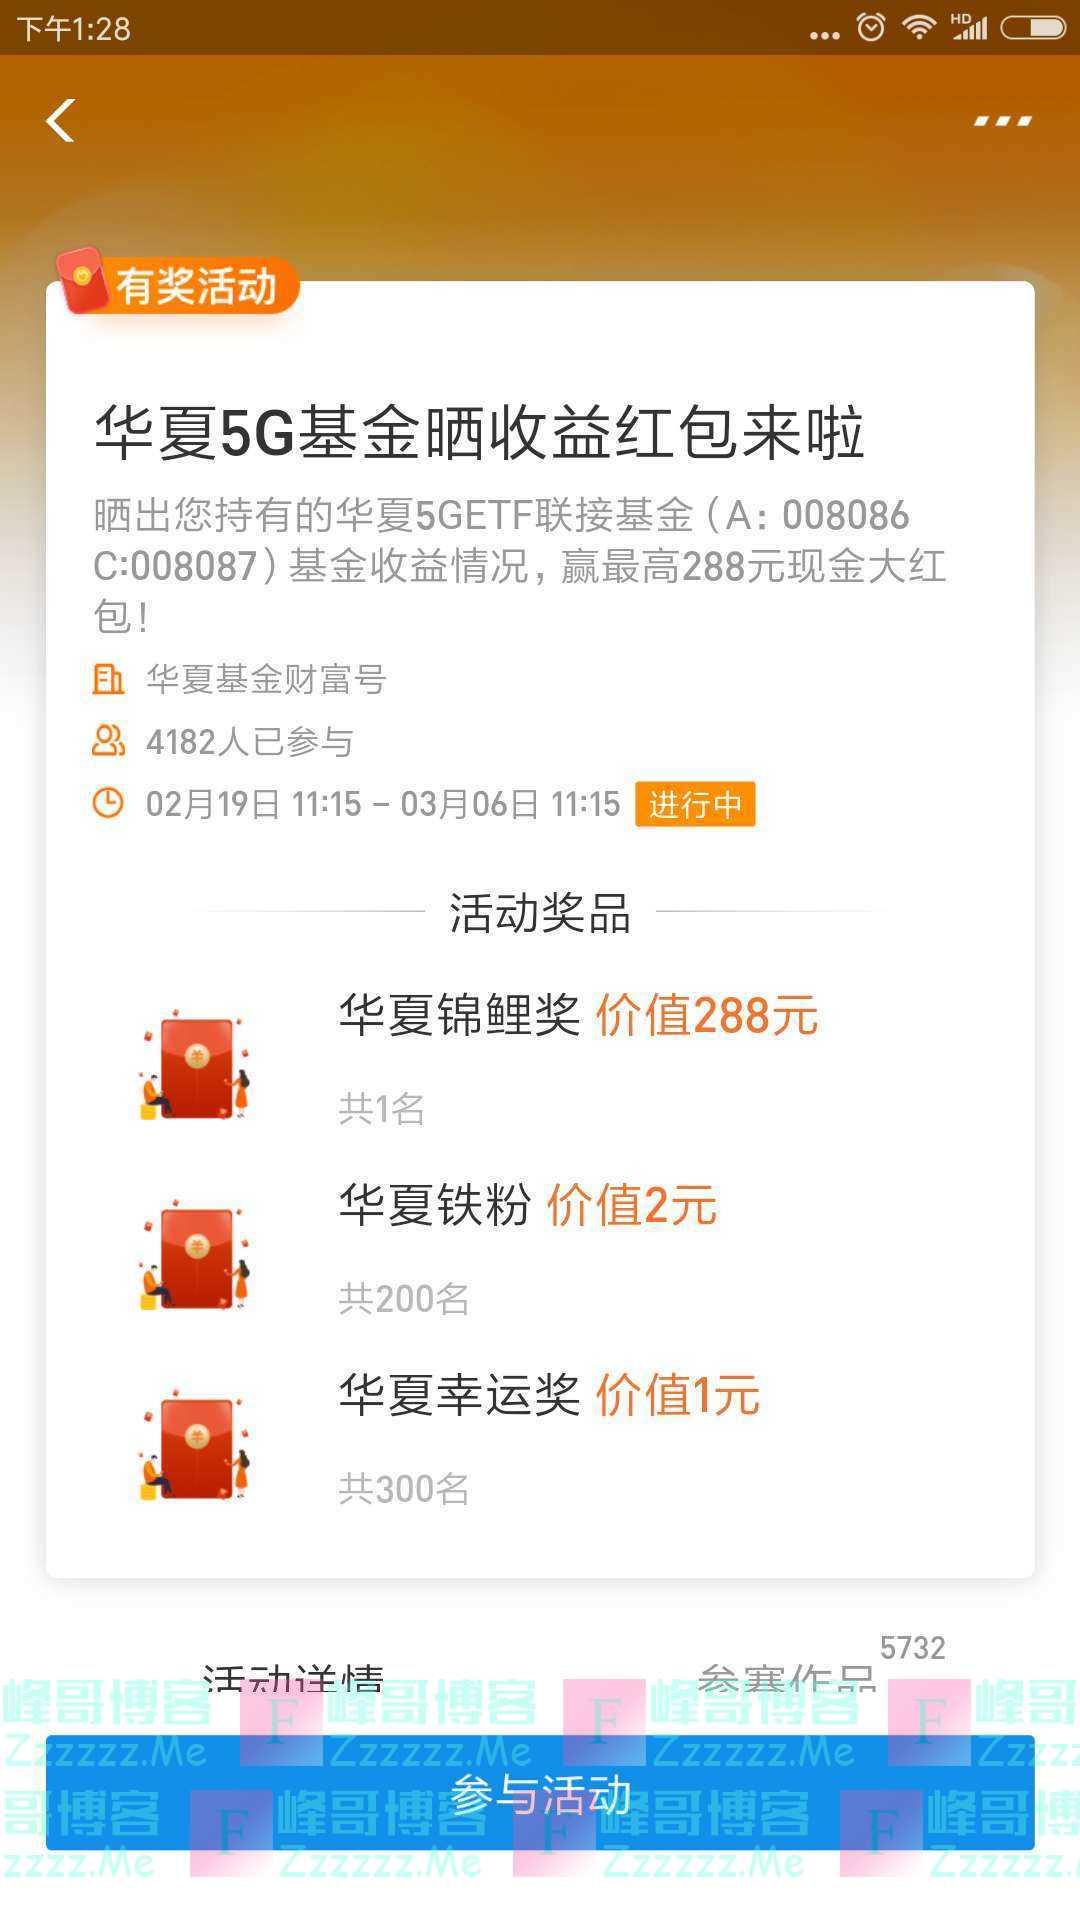 华夏基金华夏5G基金晒收益红包来啦(截止3月6日)